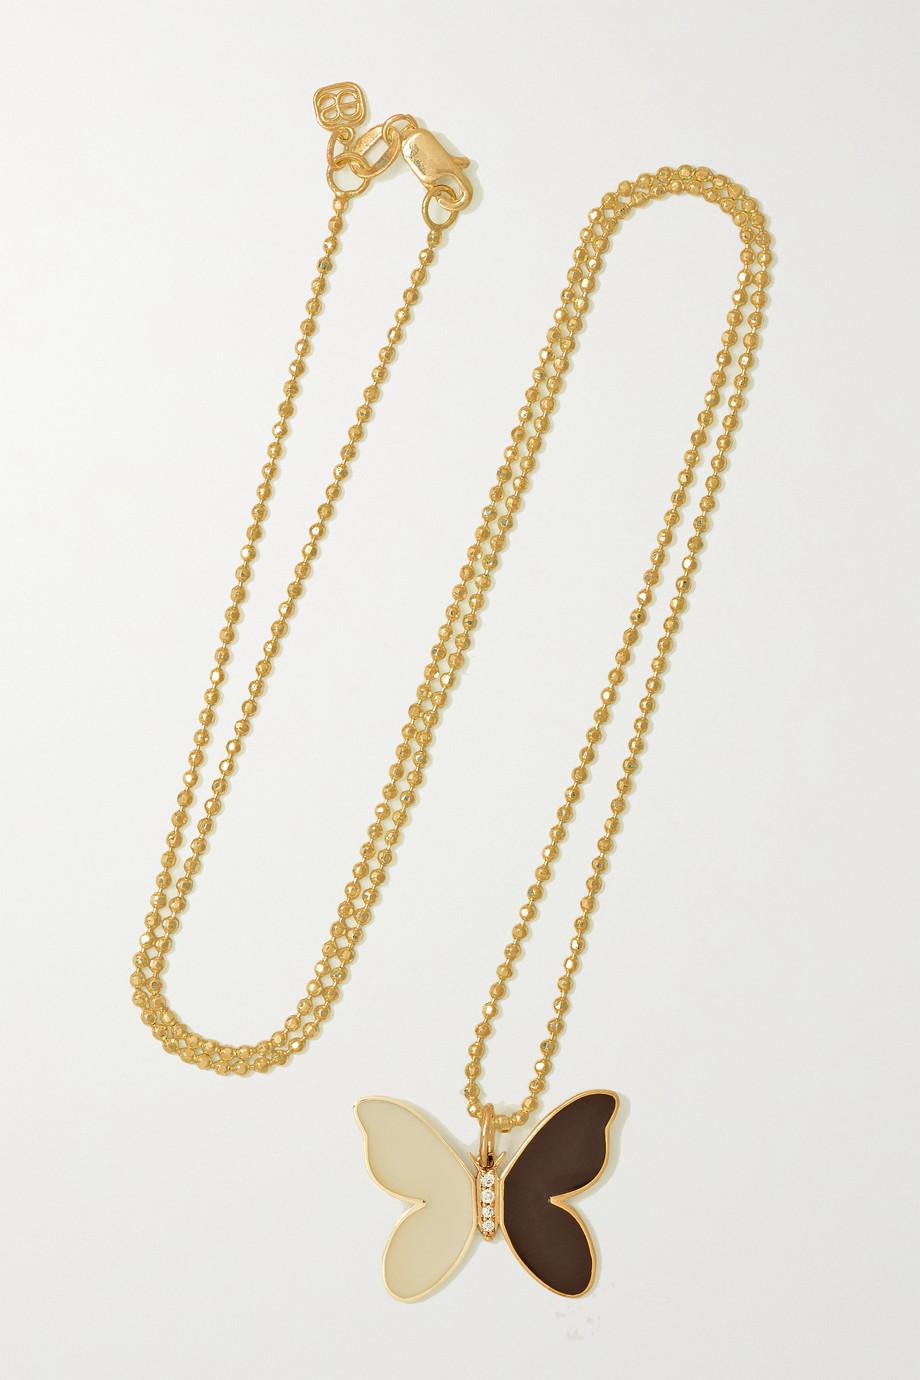 Sydney Evan 14-karat gold, enamel and diamond necklace